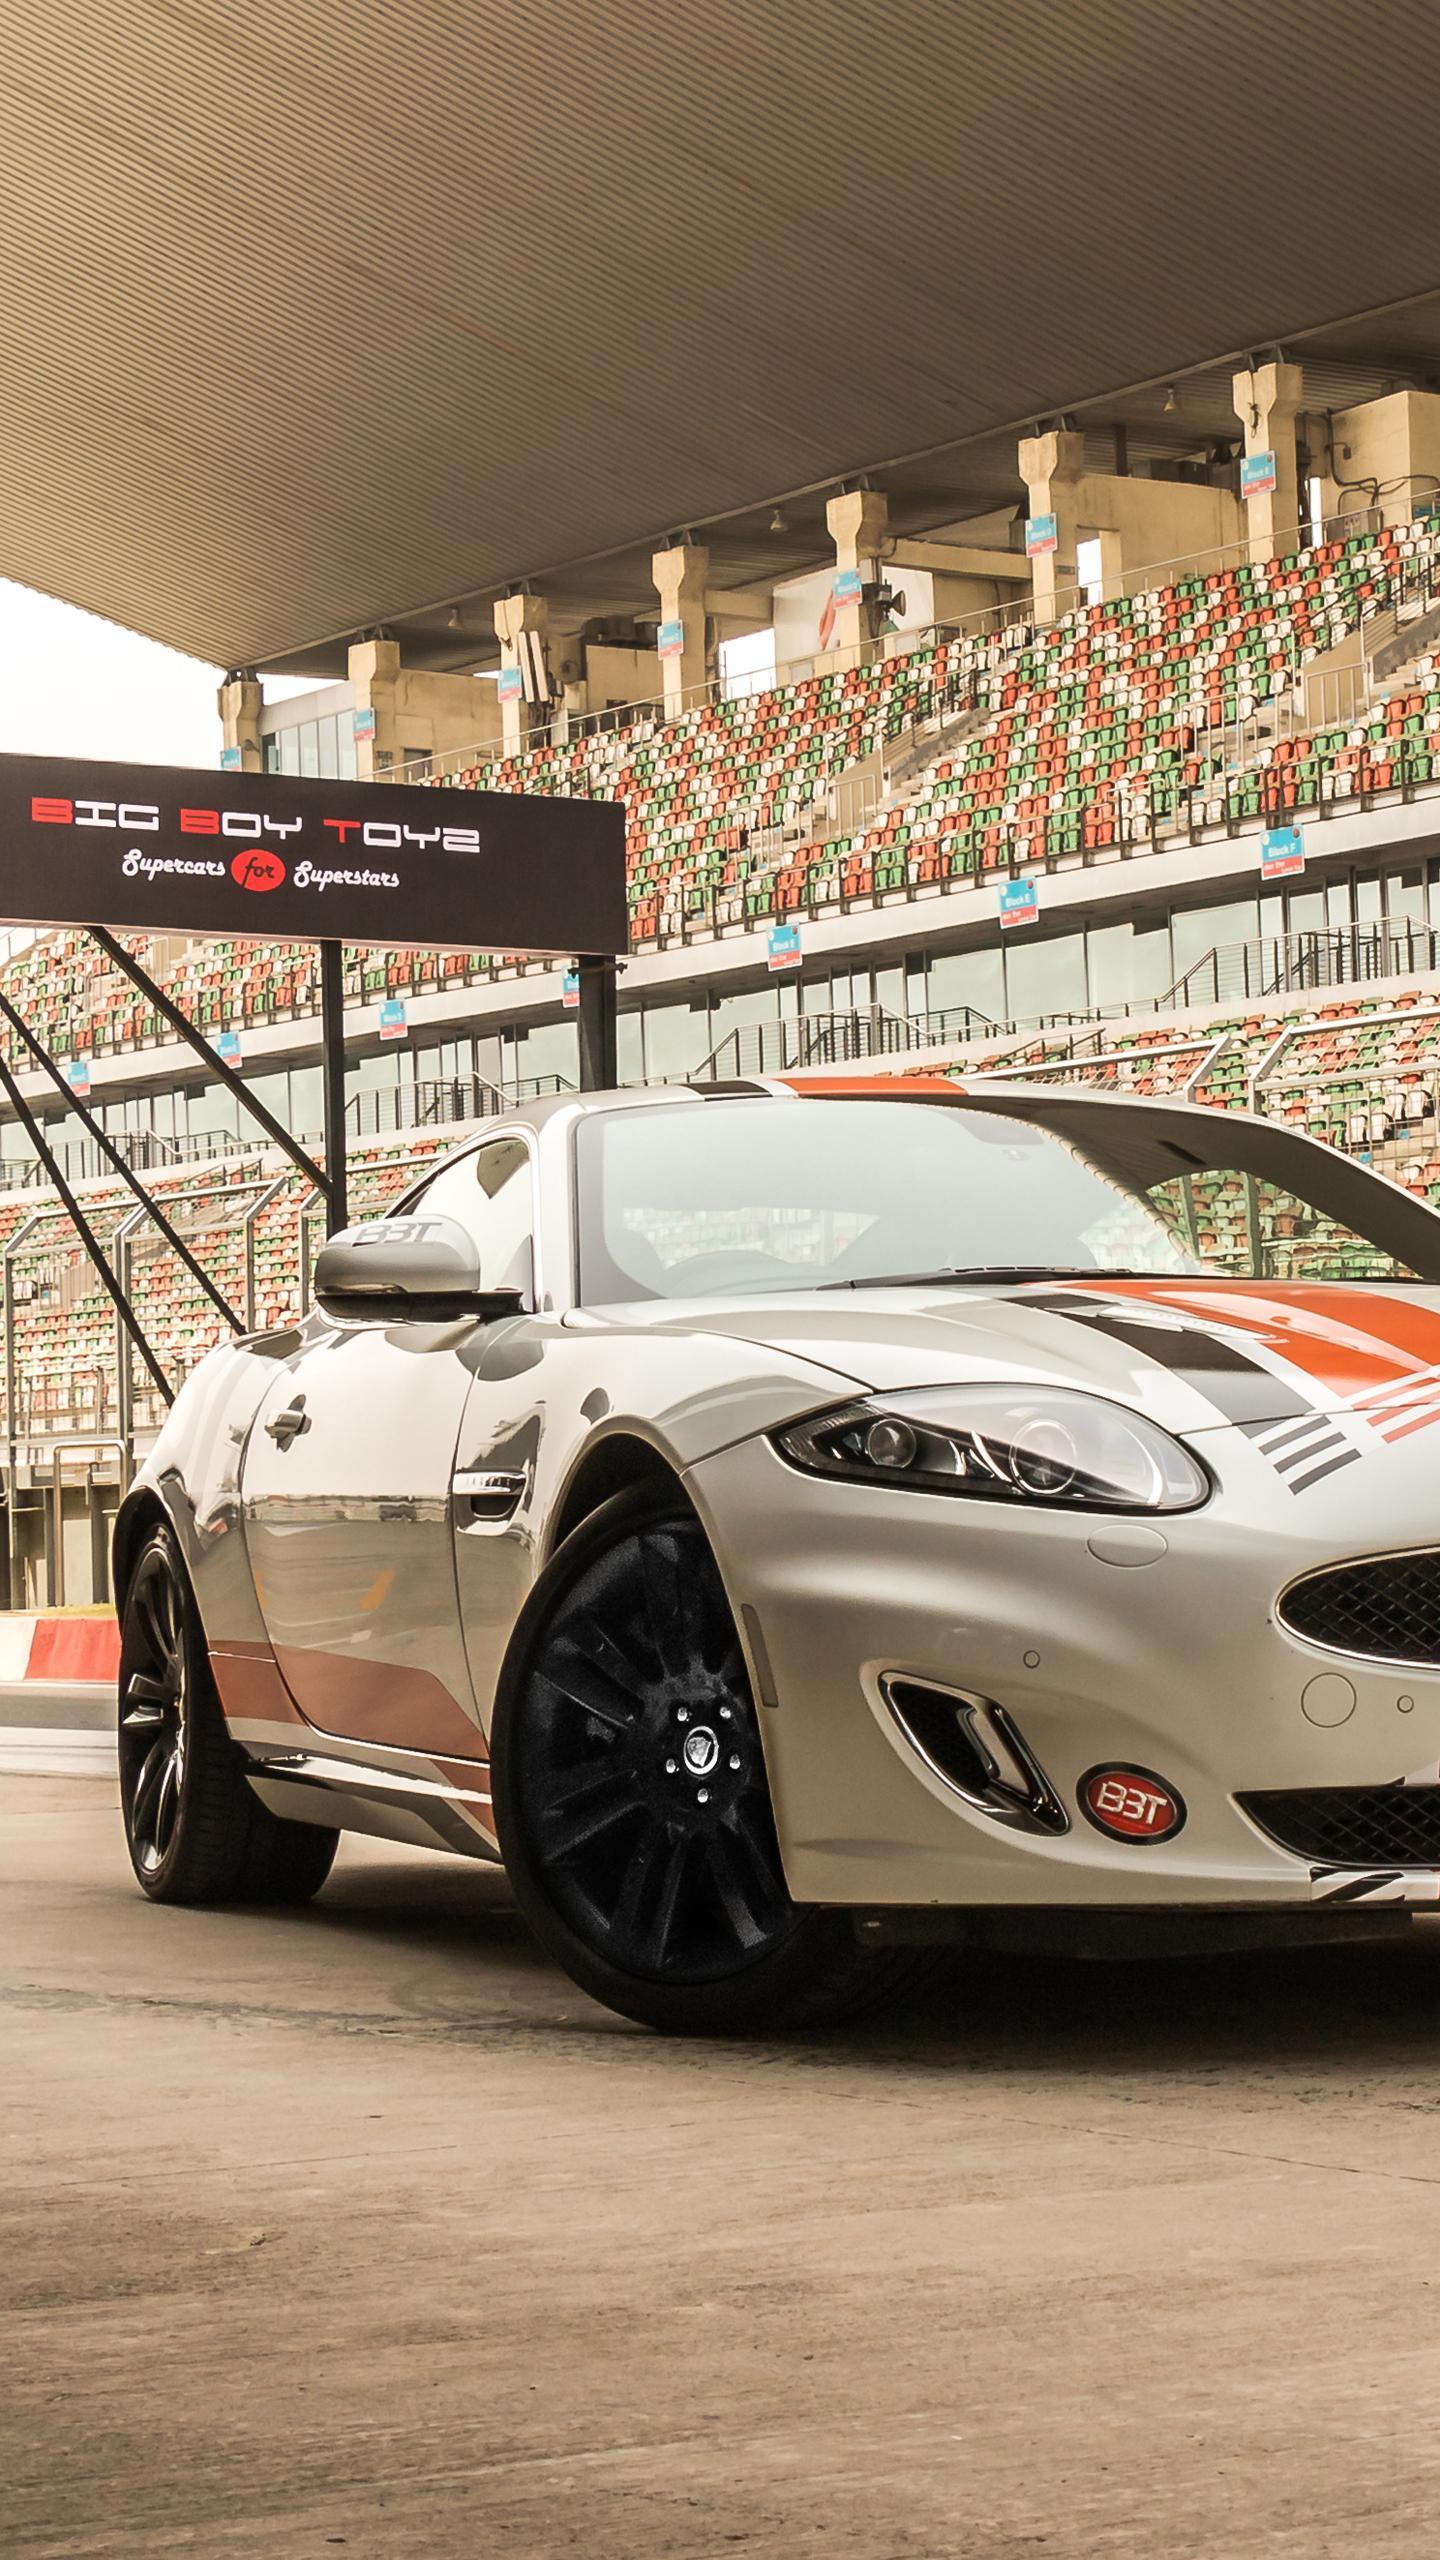 Jaguar Car 4k Iphone Wallpapers Wallpaper Cave